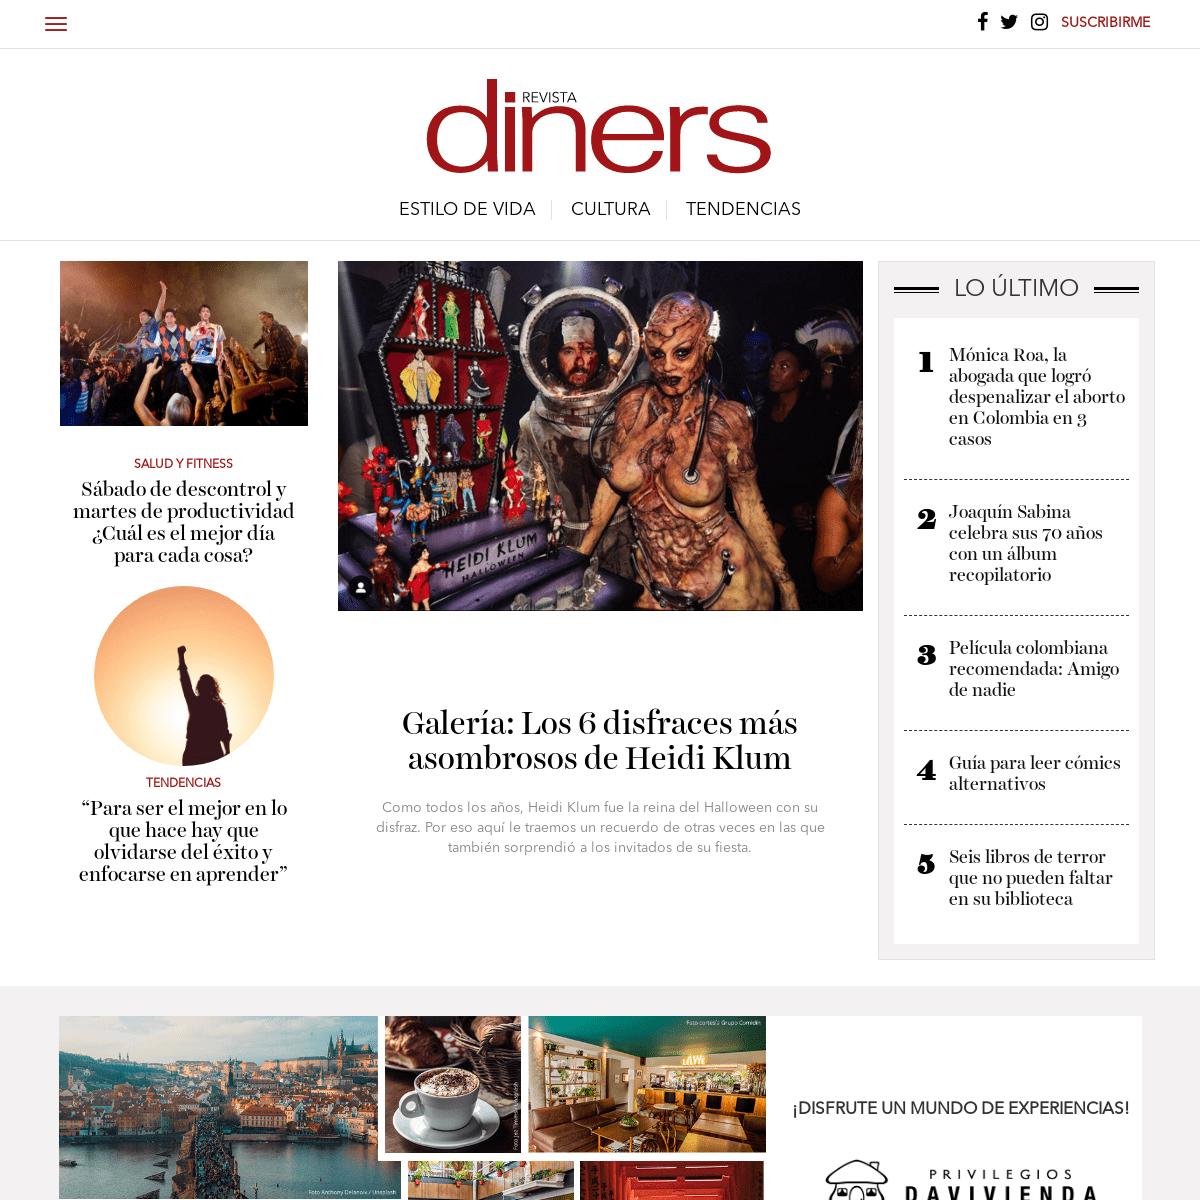 Revista Diners - Cultura y estilo de vida